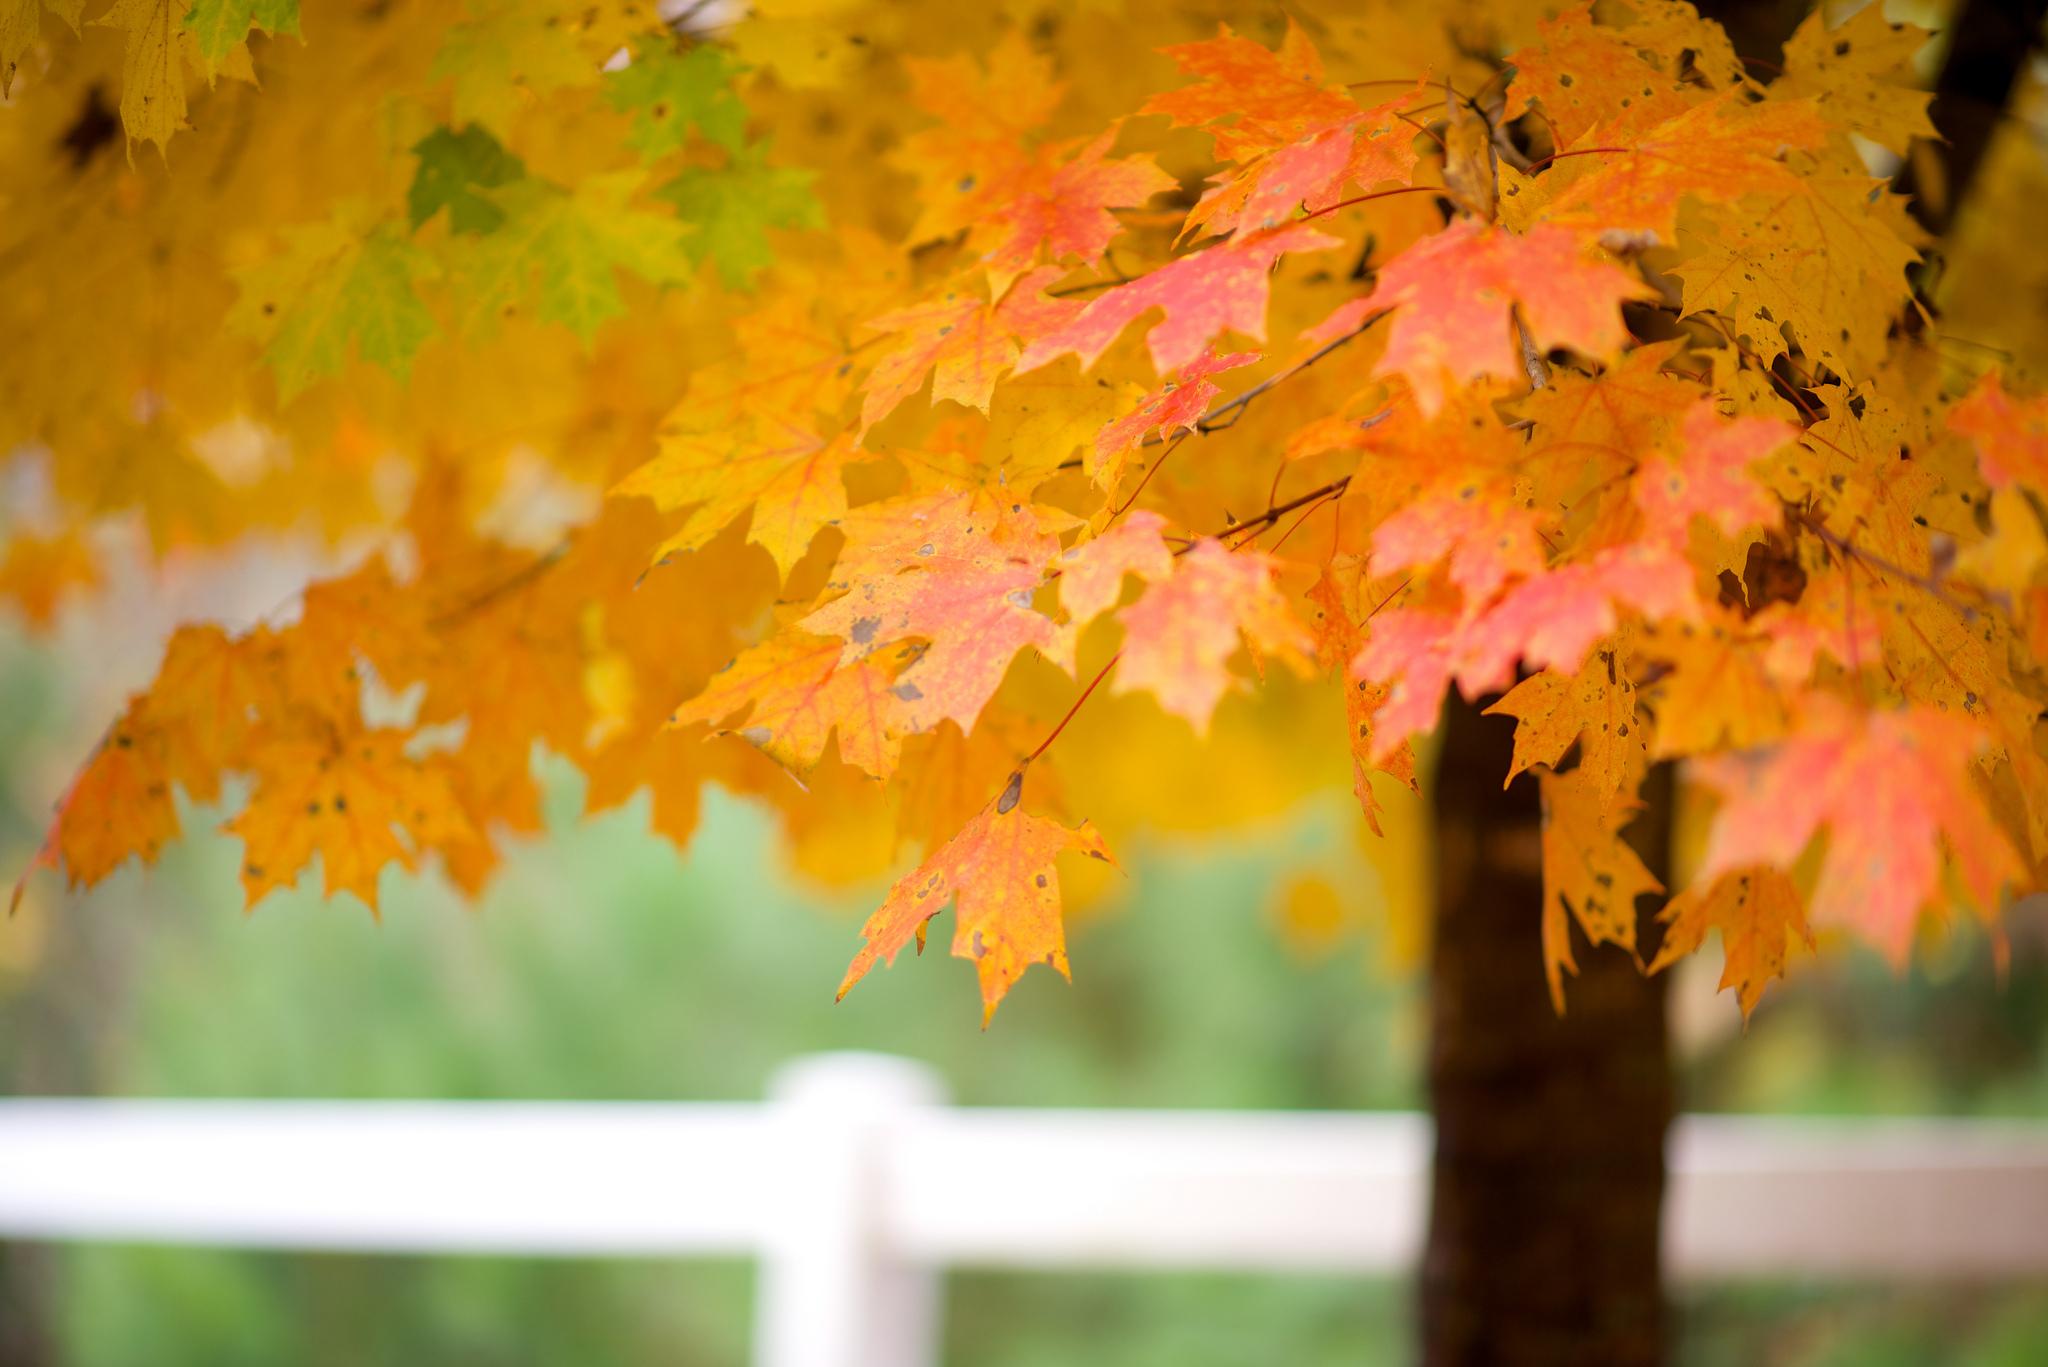 осень листья дерево autumn leaves tree загрузить